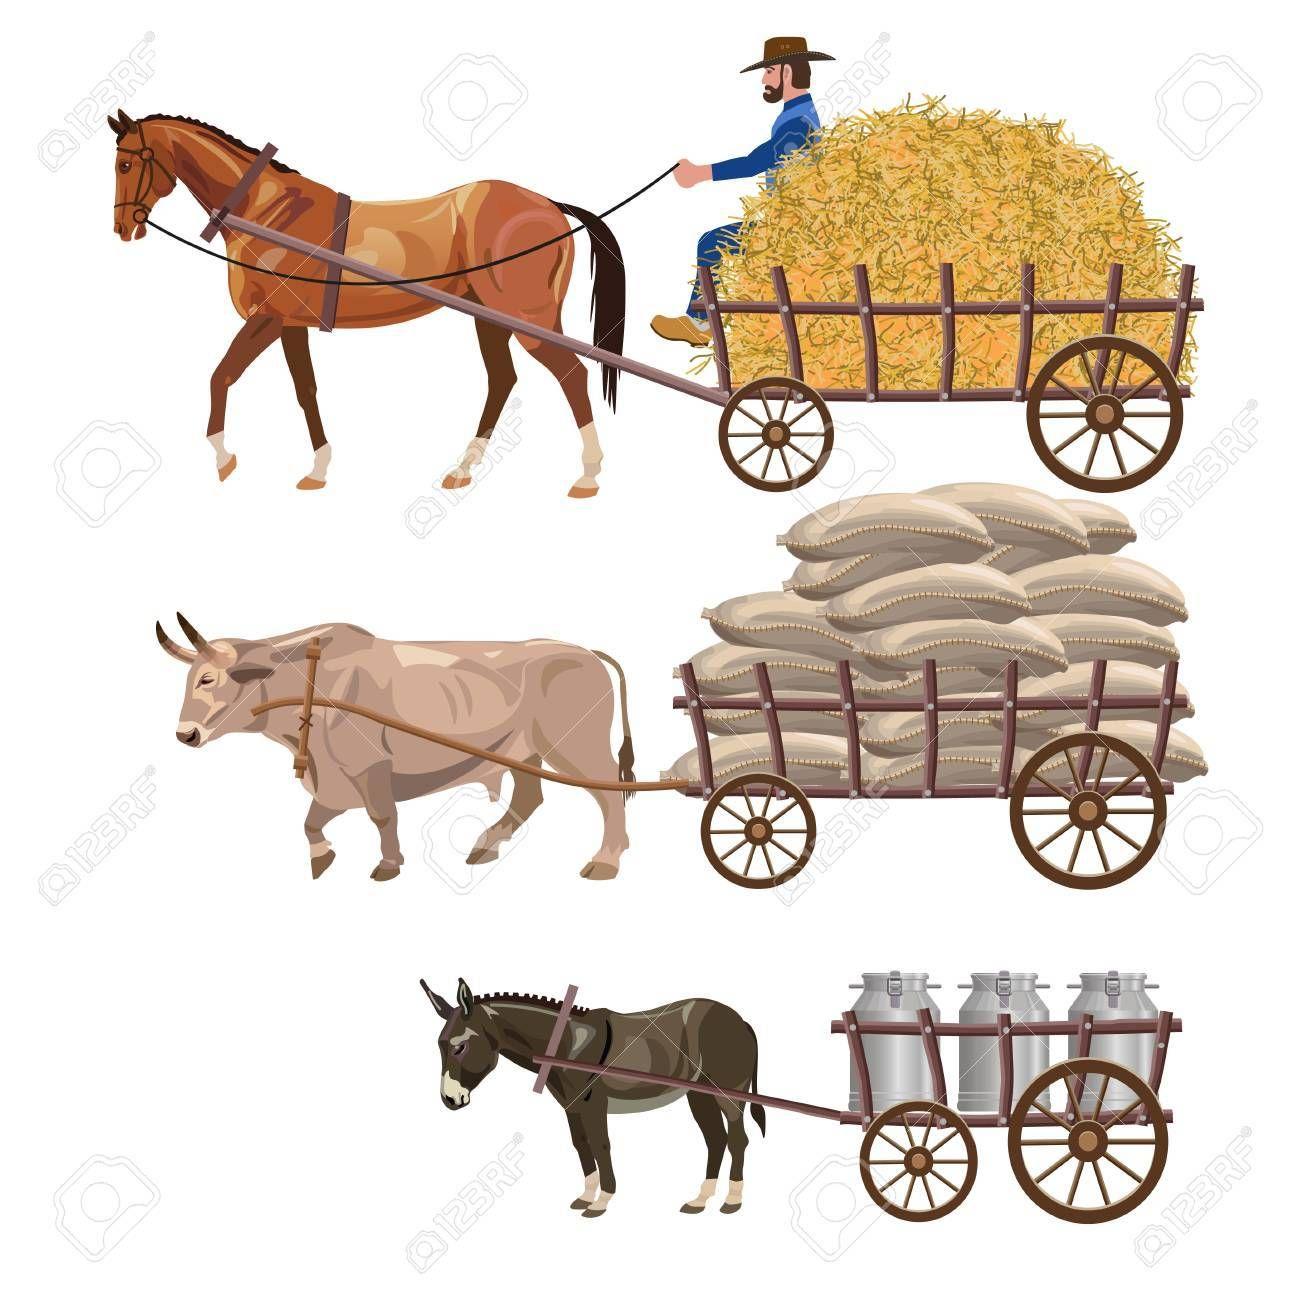 Stock vector primary in. Pioneer clipart bullock cart